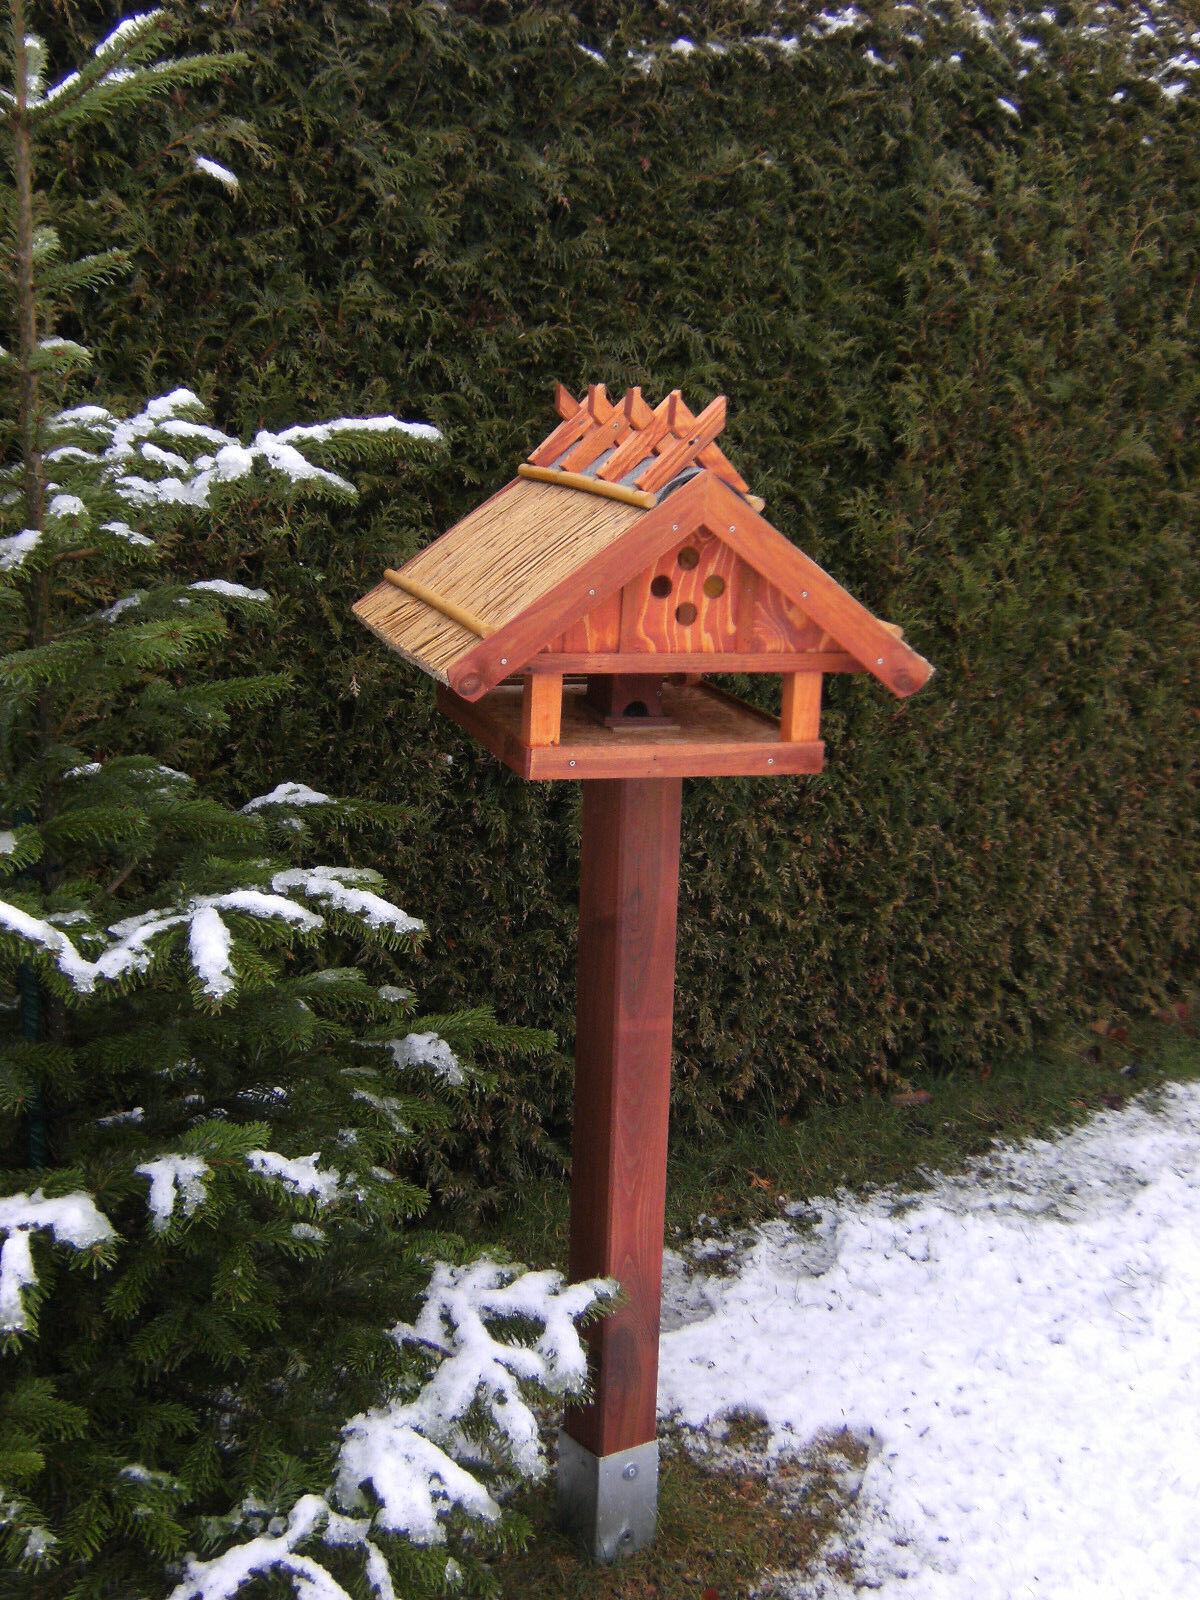 Ständer  Fuß Vogelhäuser Vogelhausfuß Vogelhausfuß Vogelhausfuß Vogelhausständer Dreibein | Starker Wert  | Online-Exportgeschäft  | Ausgezeichneter Wert  01dfbb